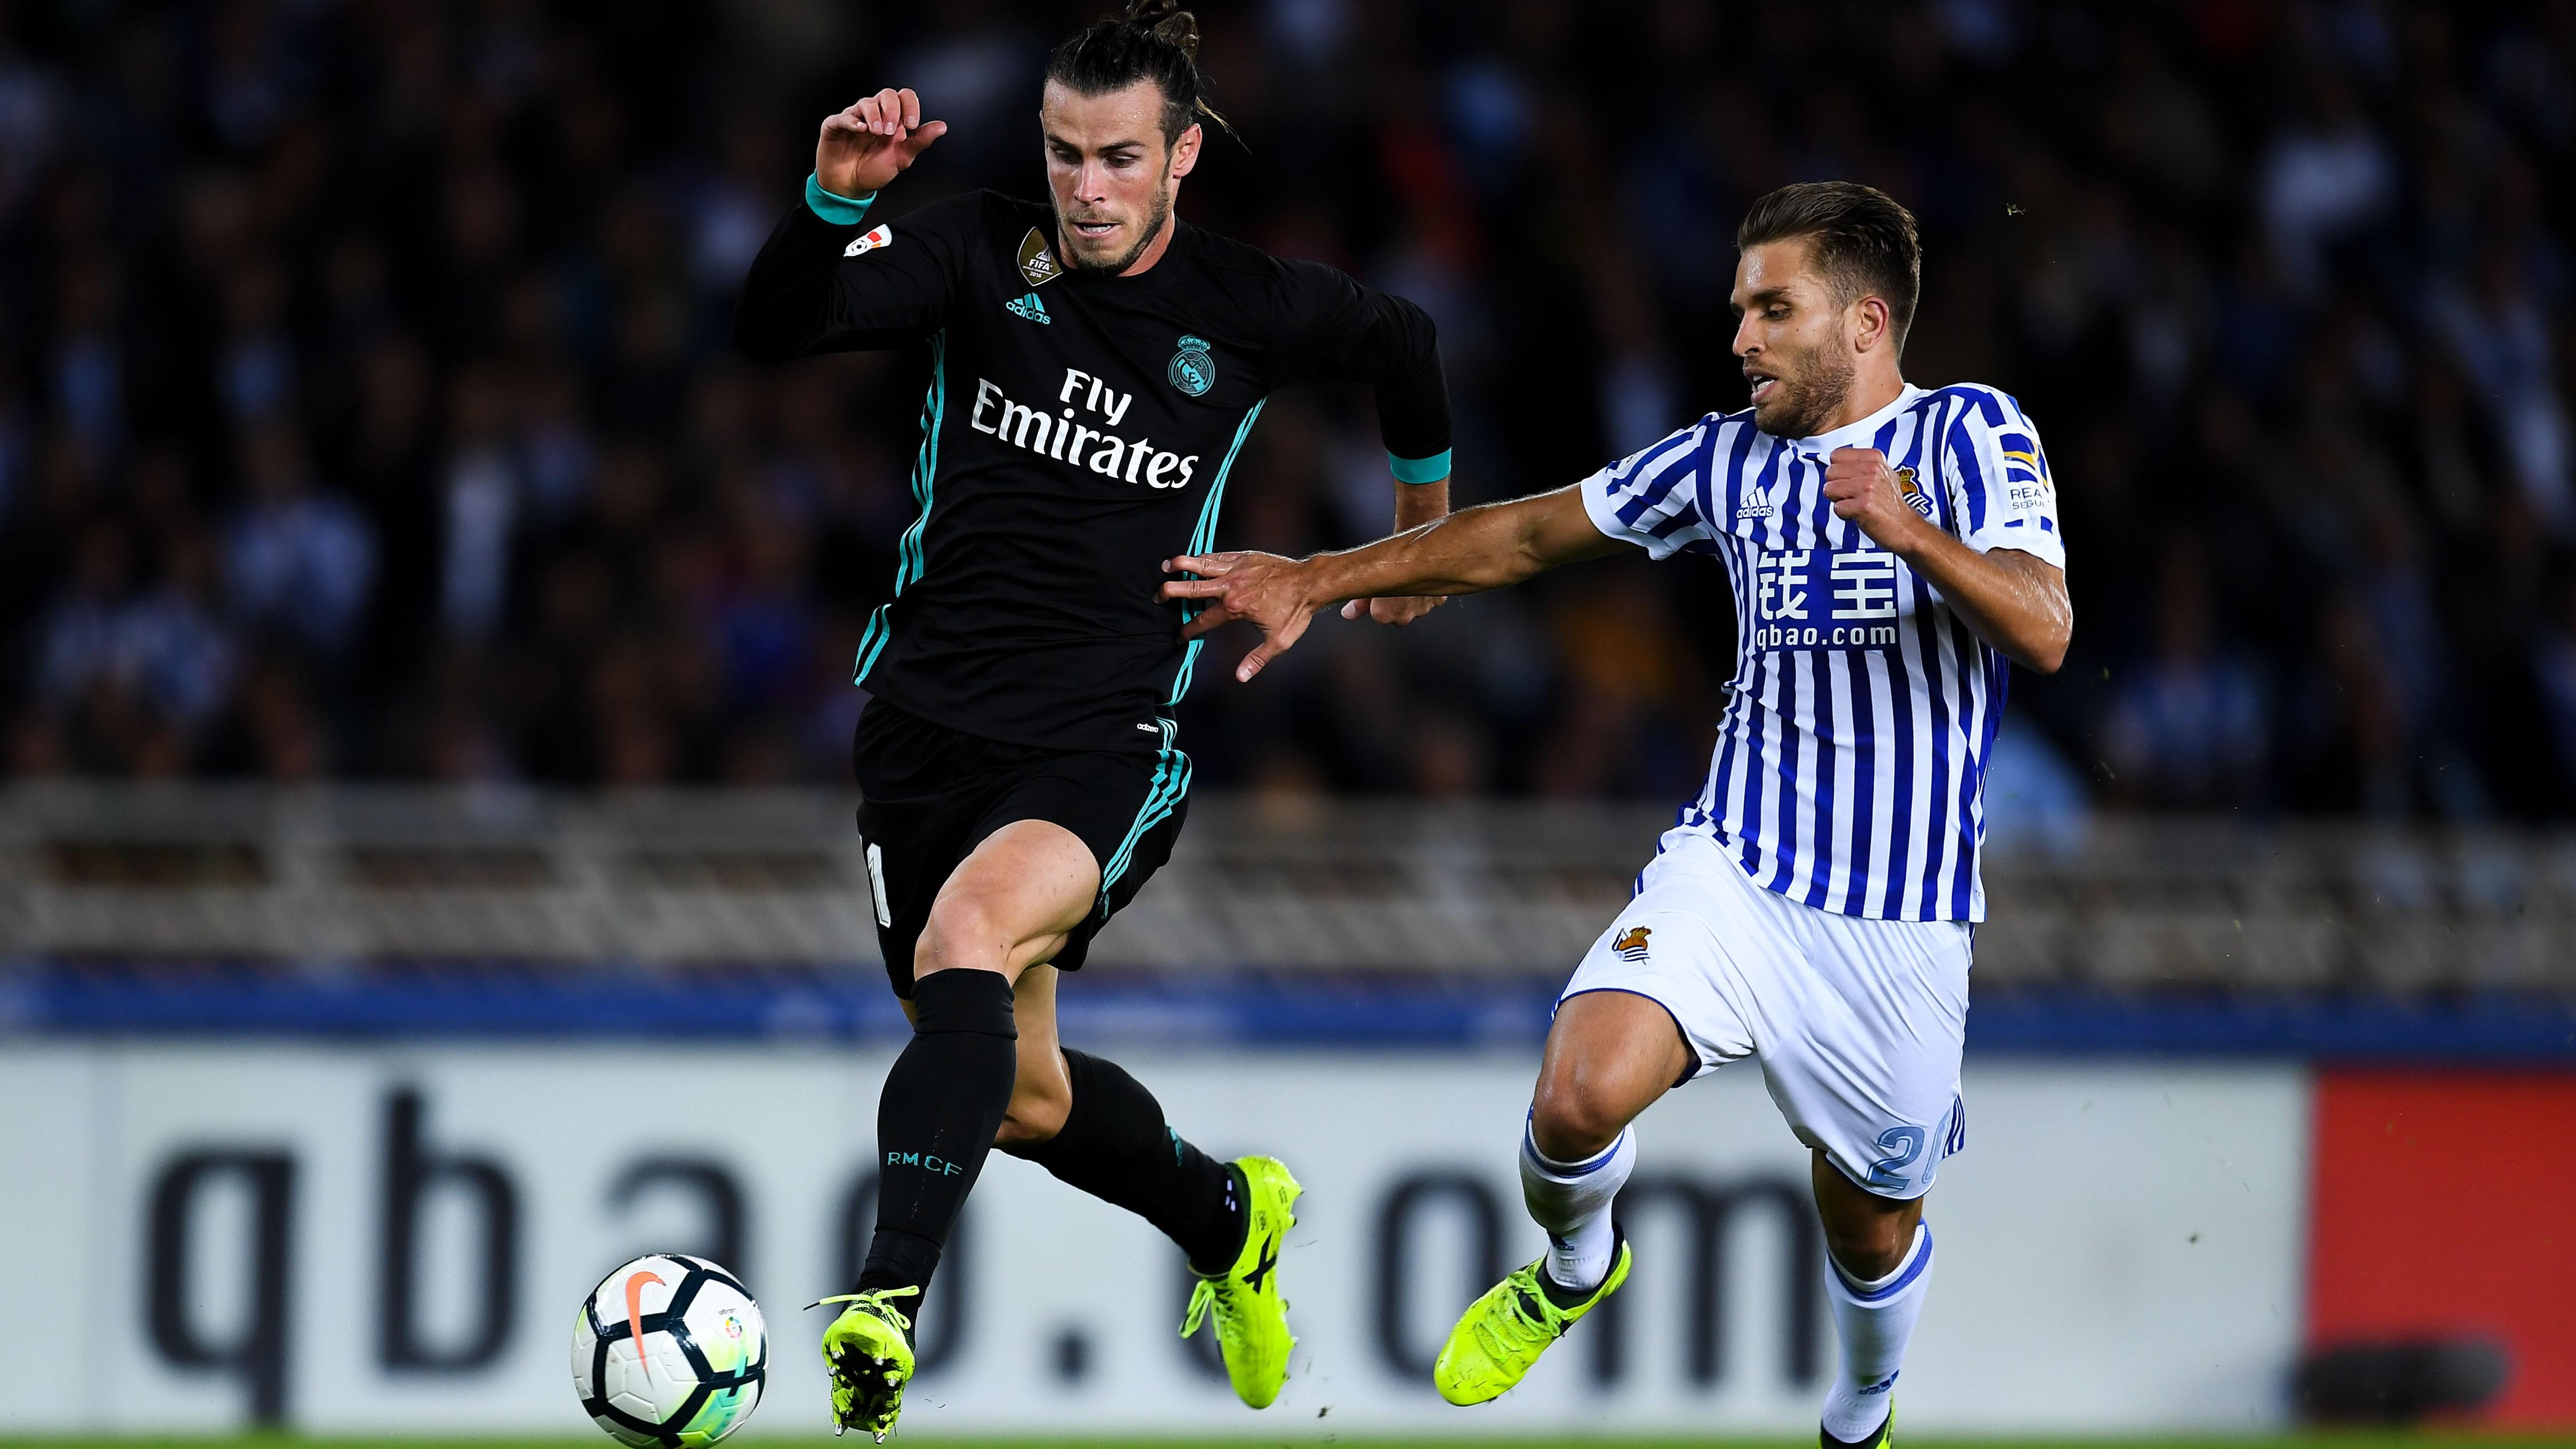 Betis derrota in extremis a Real Madrid en Liga fútbol español